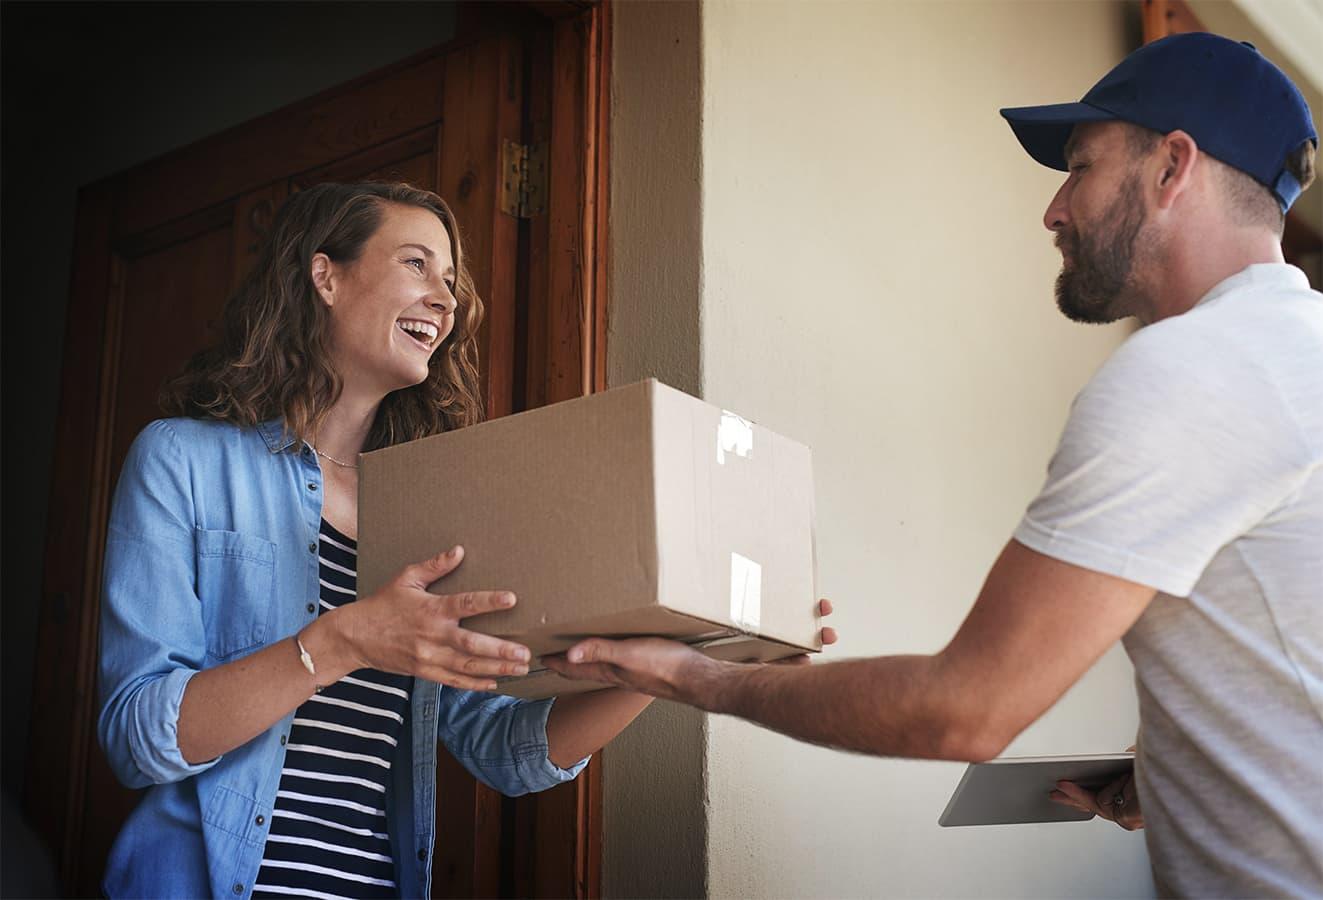 entregando un paquete comprado en linea